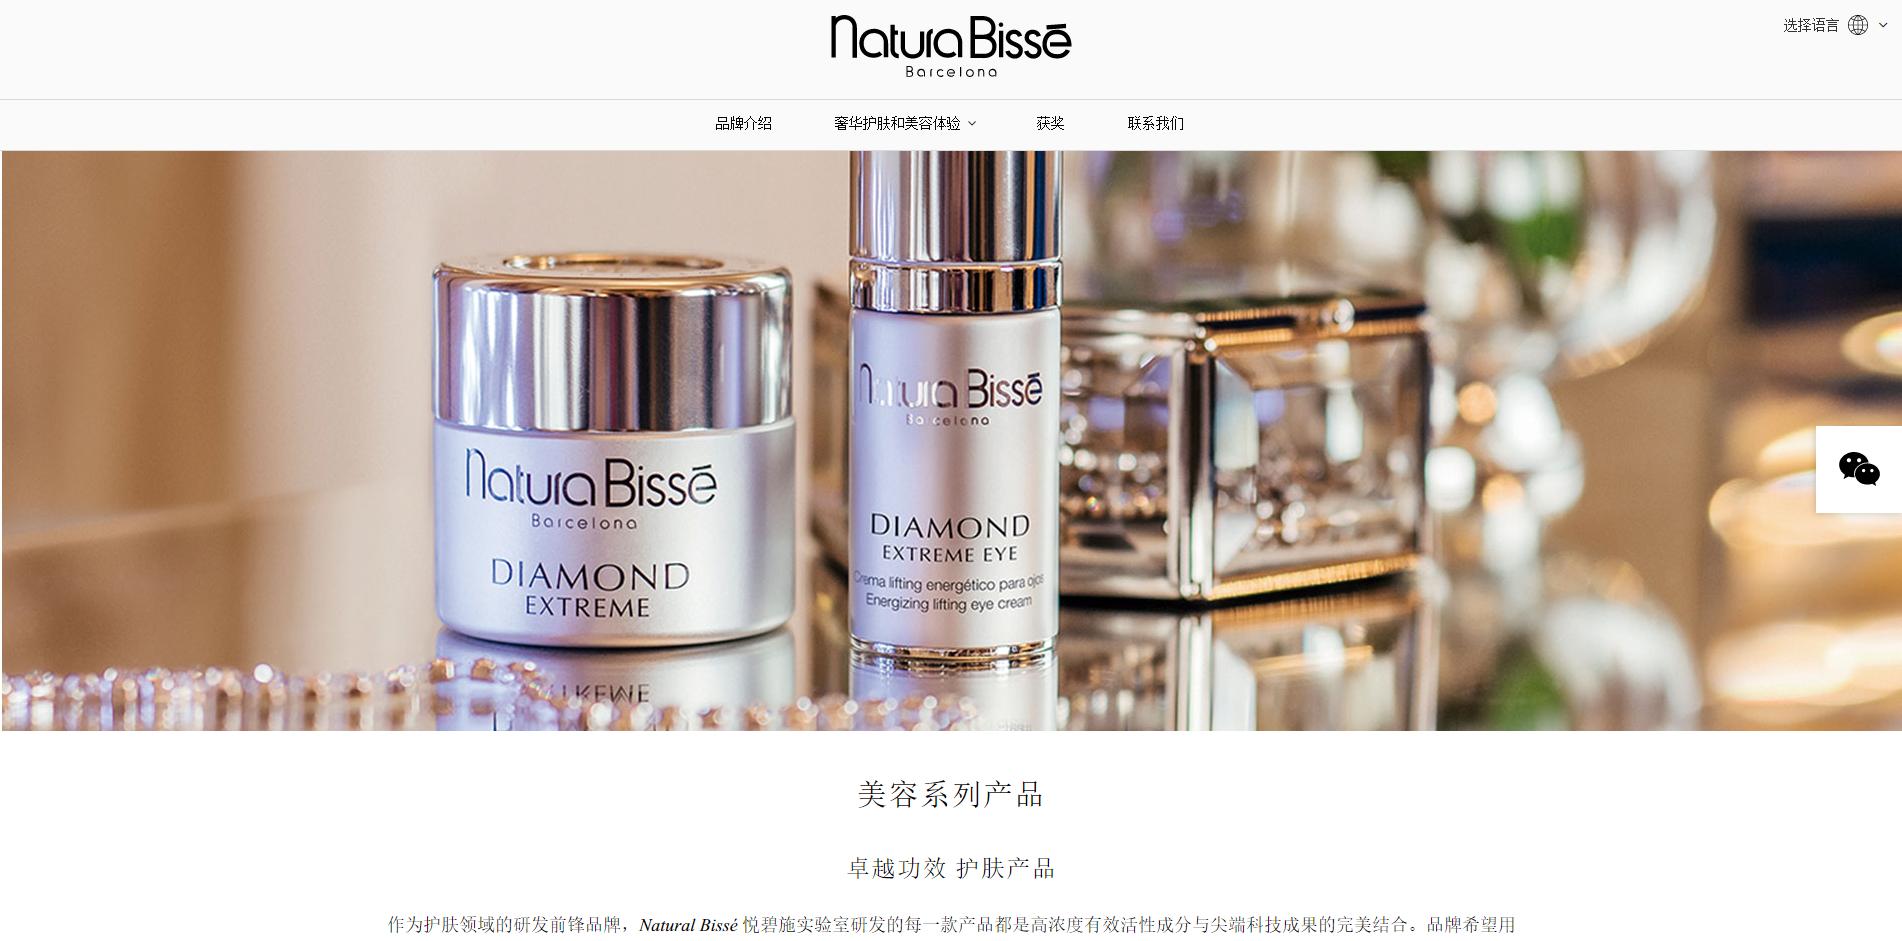 Natura Bissé China Website